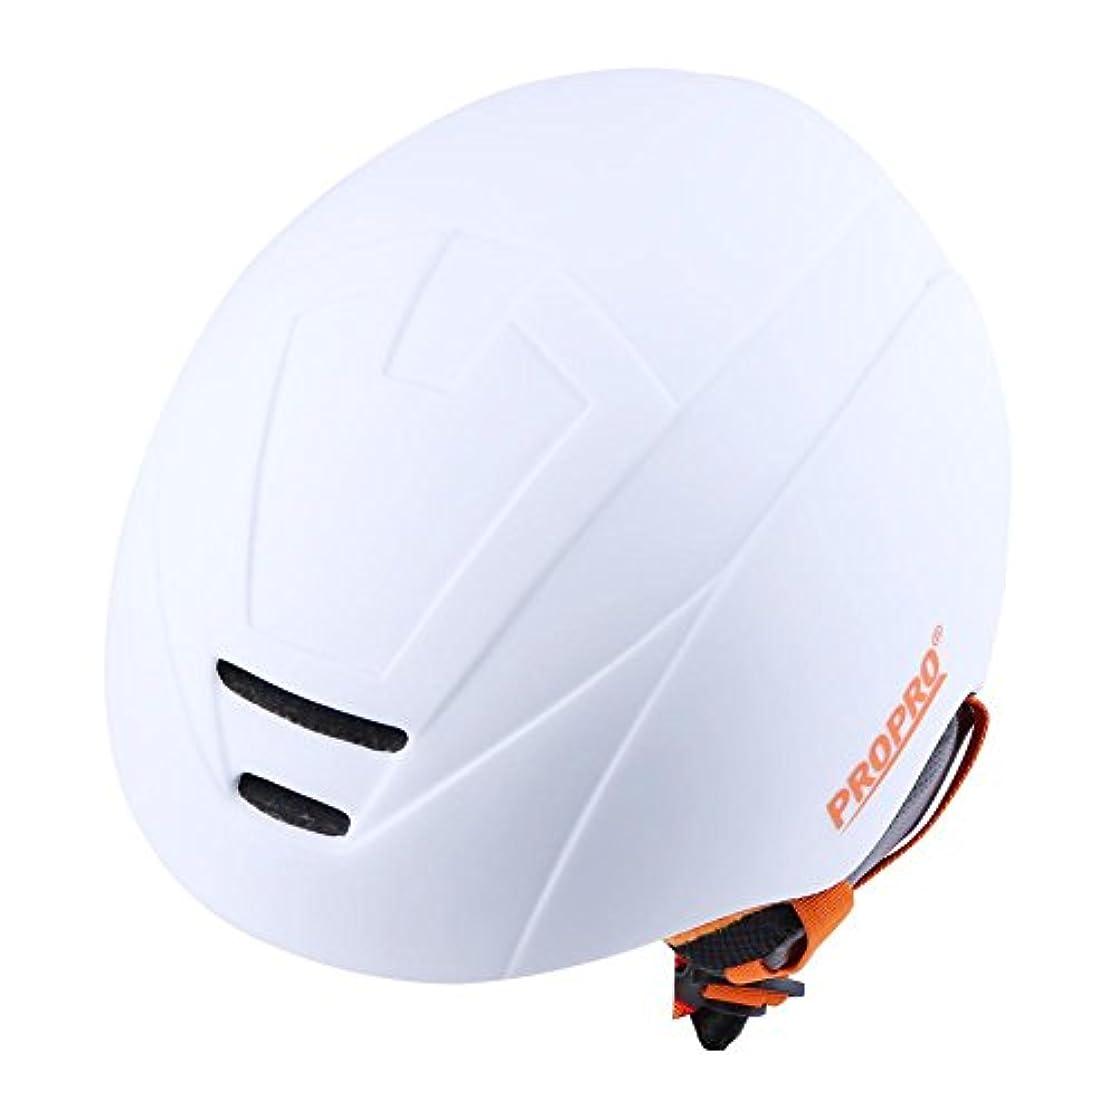 キートランペットディンカルビルK-outdoor ヘルメット スケートボード 自転車 高剛性 耐衝撃 通気 軽量 サイクリング